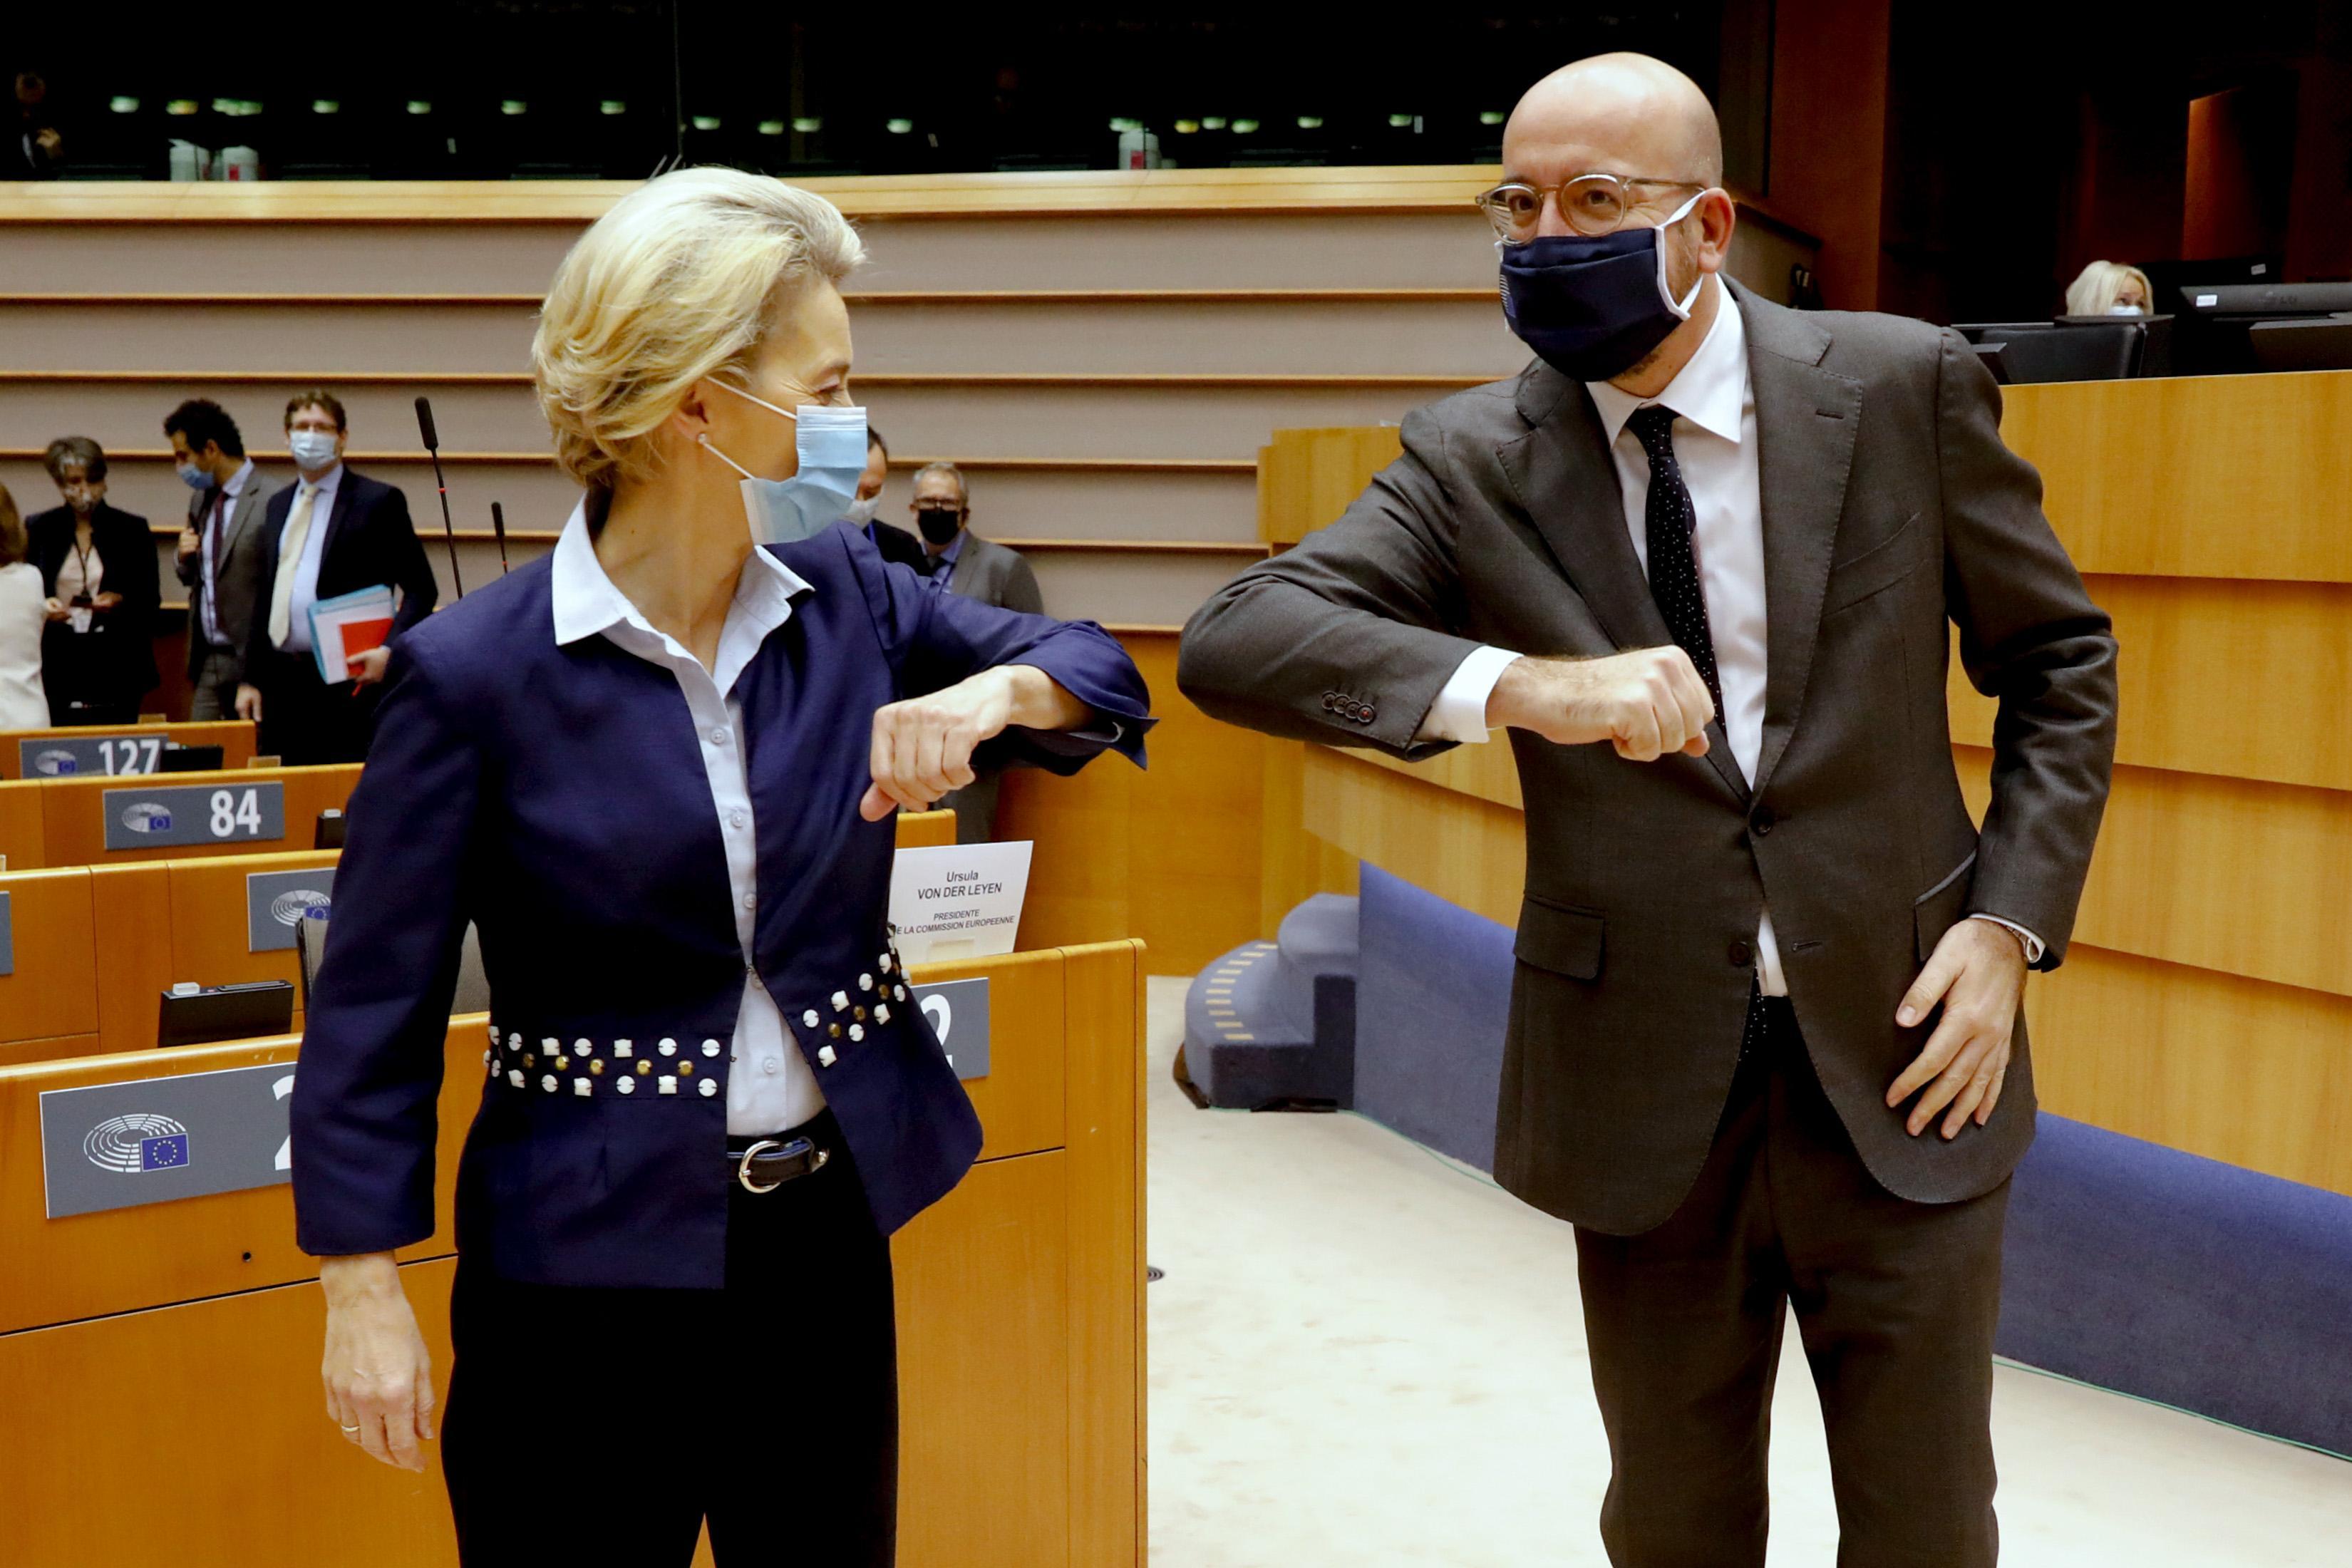 Komission puheenjohtaja Ursula von der Leyen ja Eurooppa-neuvoston puheenjohtaja Charles Michel Euroopan parlamentissa 16. joulukuuta 2020.